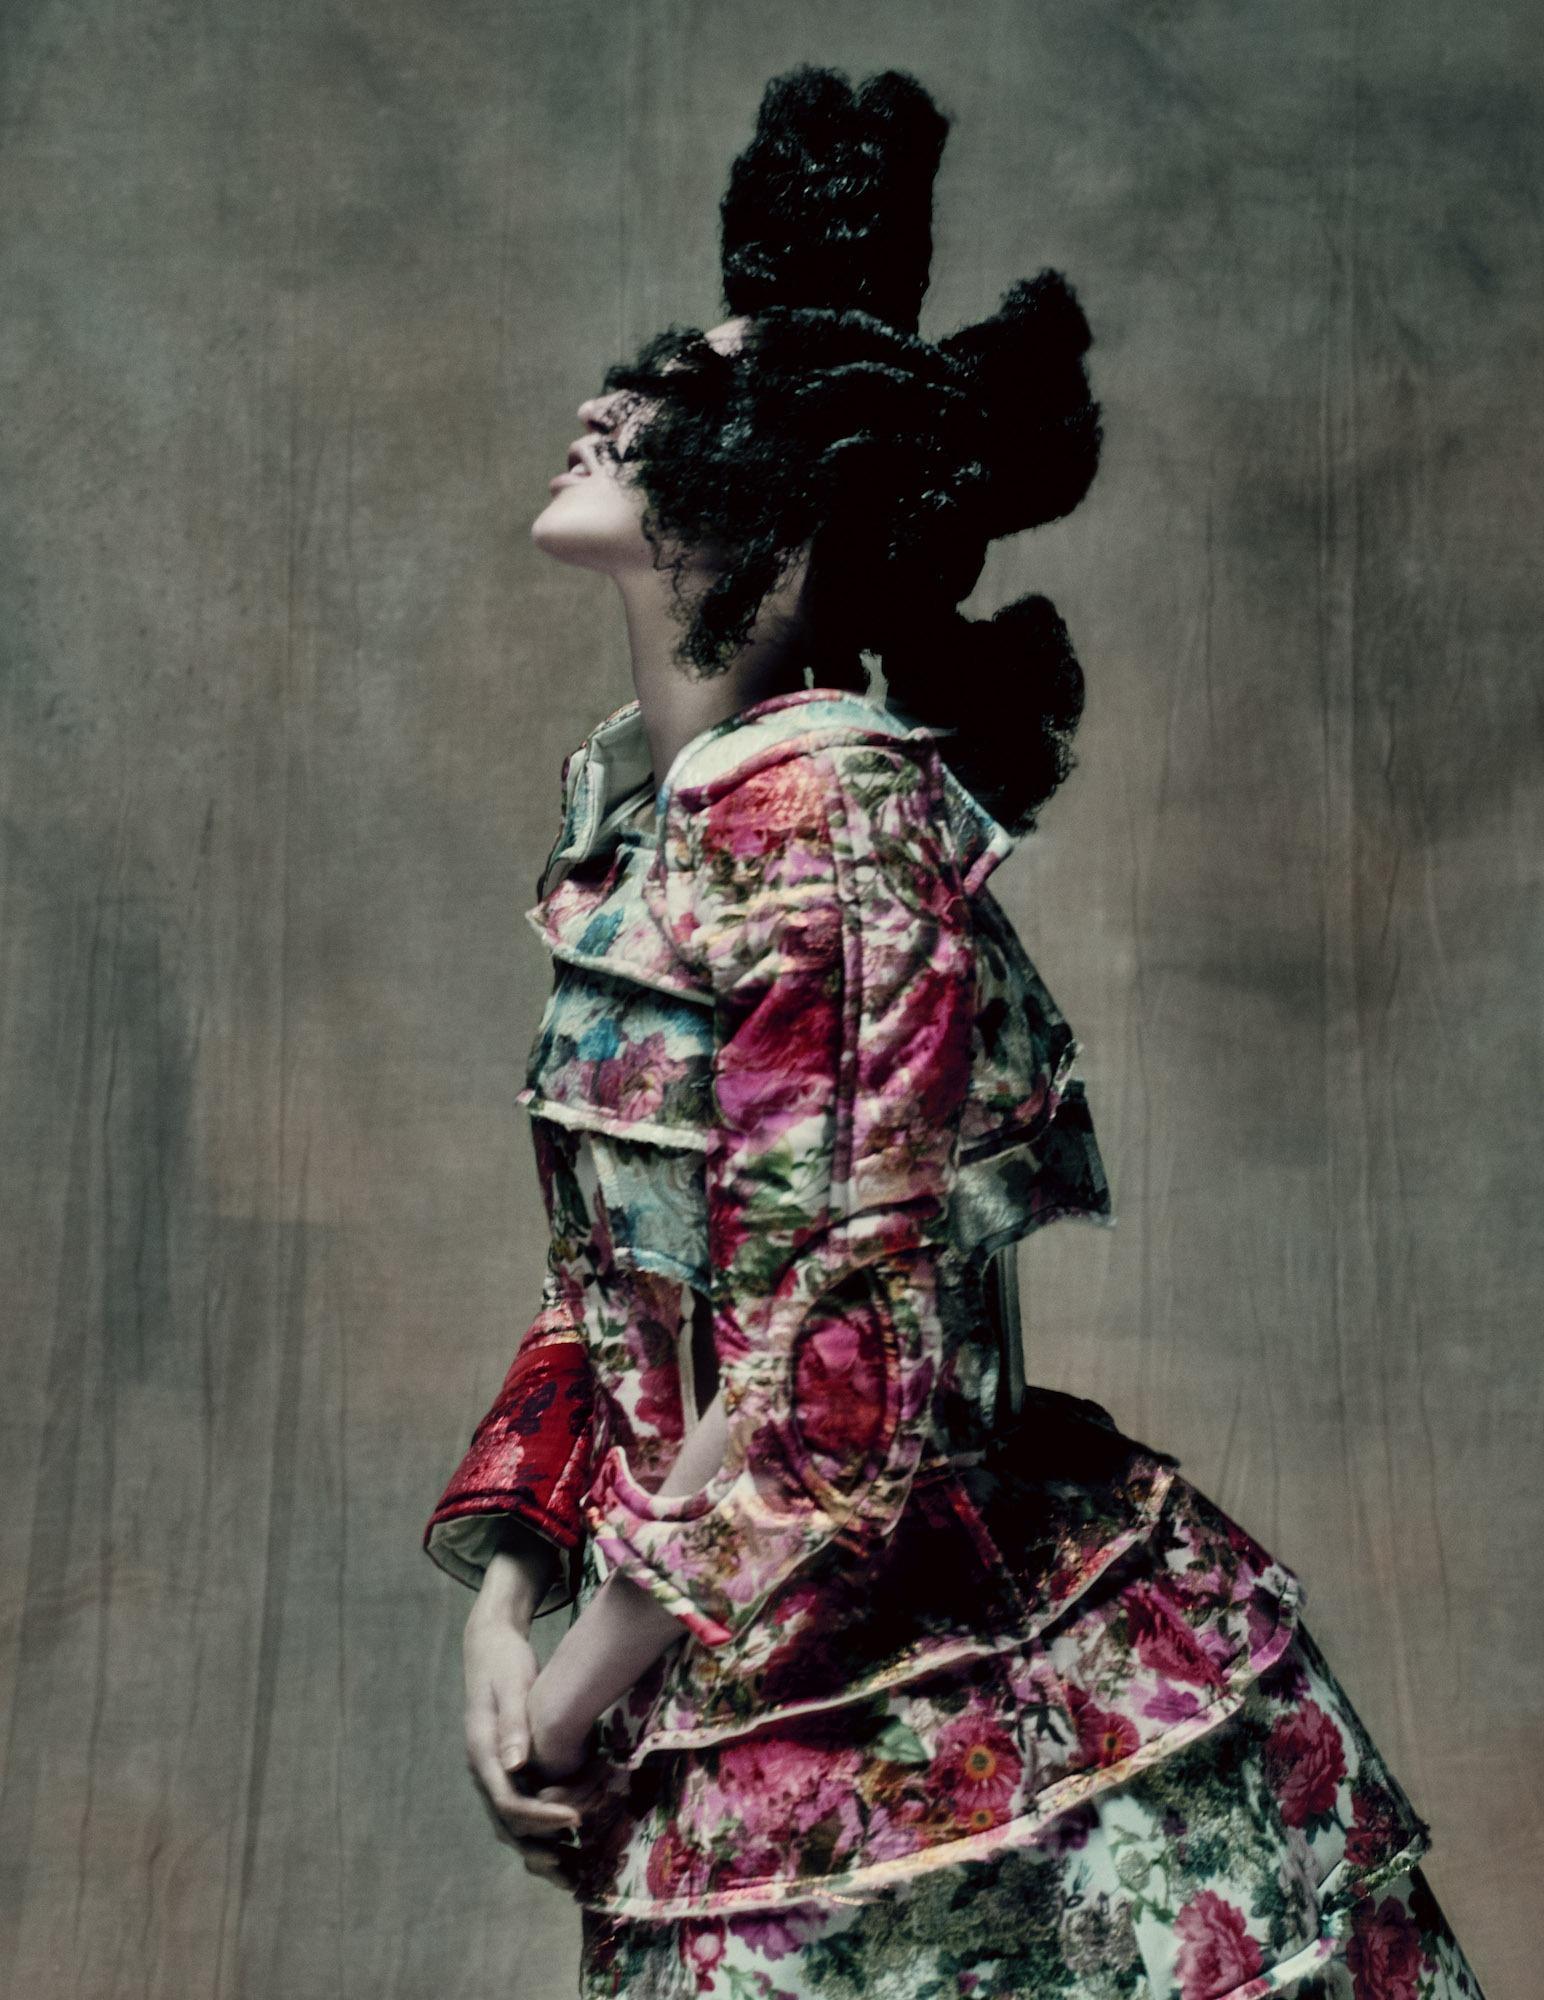 Book Review: Rei Kawakubo/Comme des Garçons Art of the In-Between - The Met, StyleZeitgeist, Review, Rei Kawakubo, Fashion, Comme des Garçons Art of the In-Between, Comme Des Garcons, Book, 2017